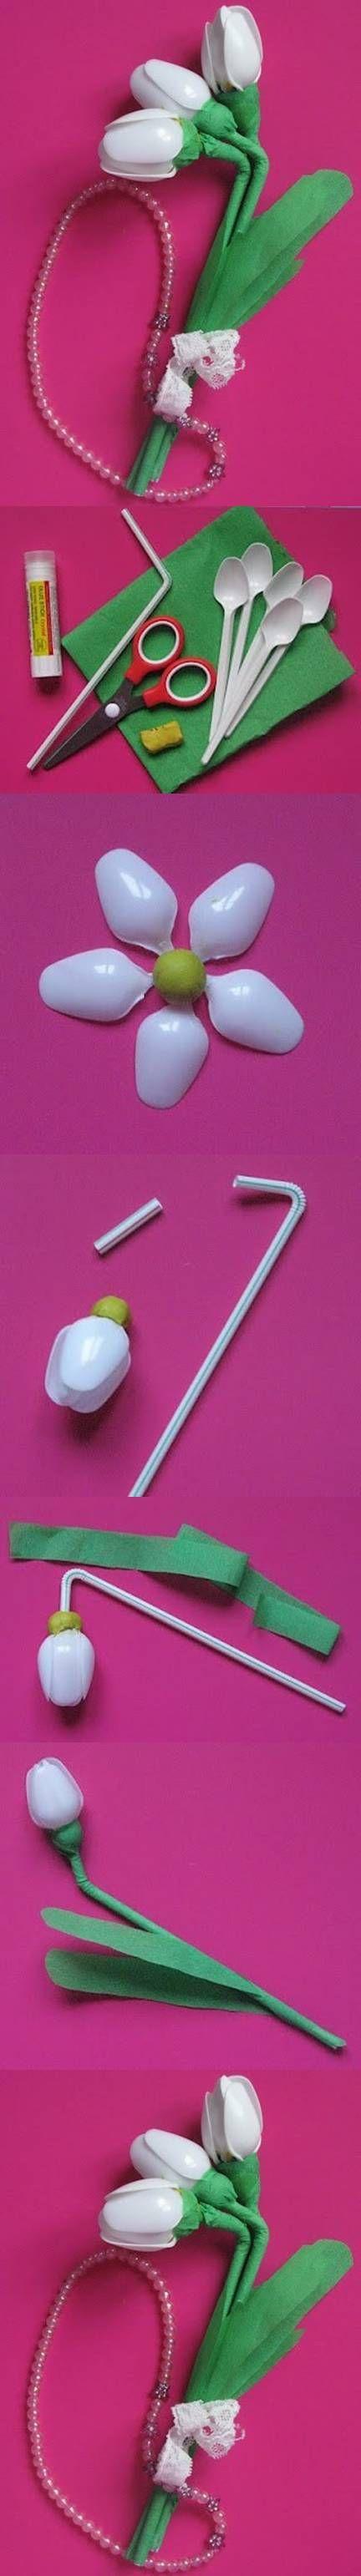 Потрясающие идеи переделок из пластиковых ложек! Фантазии рукодельниц нет границ...